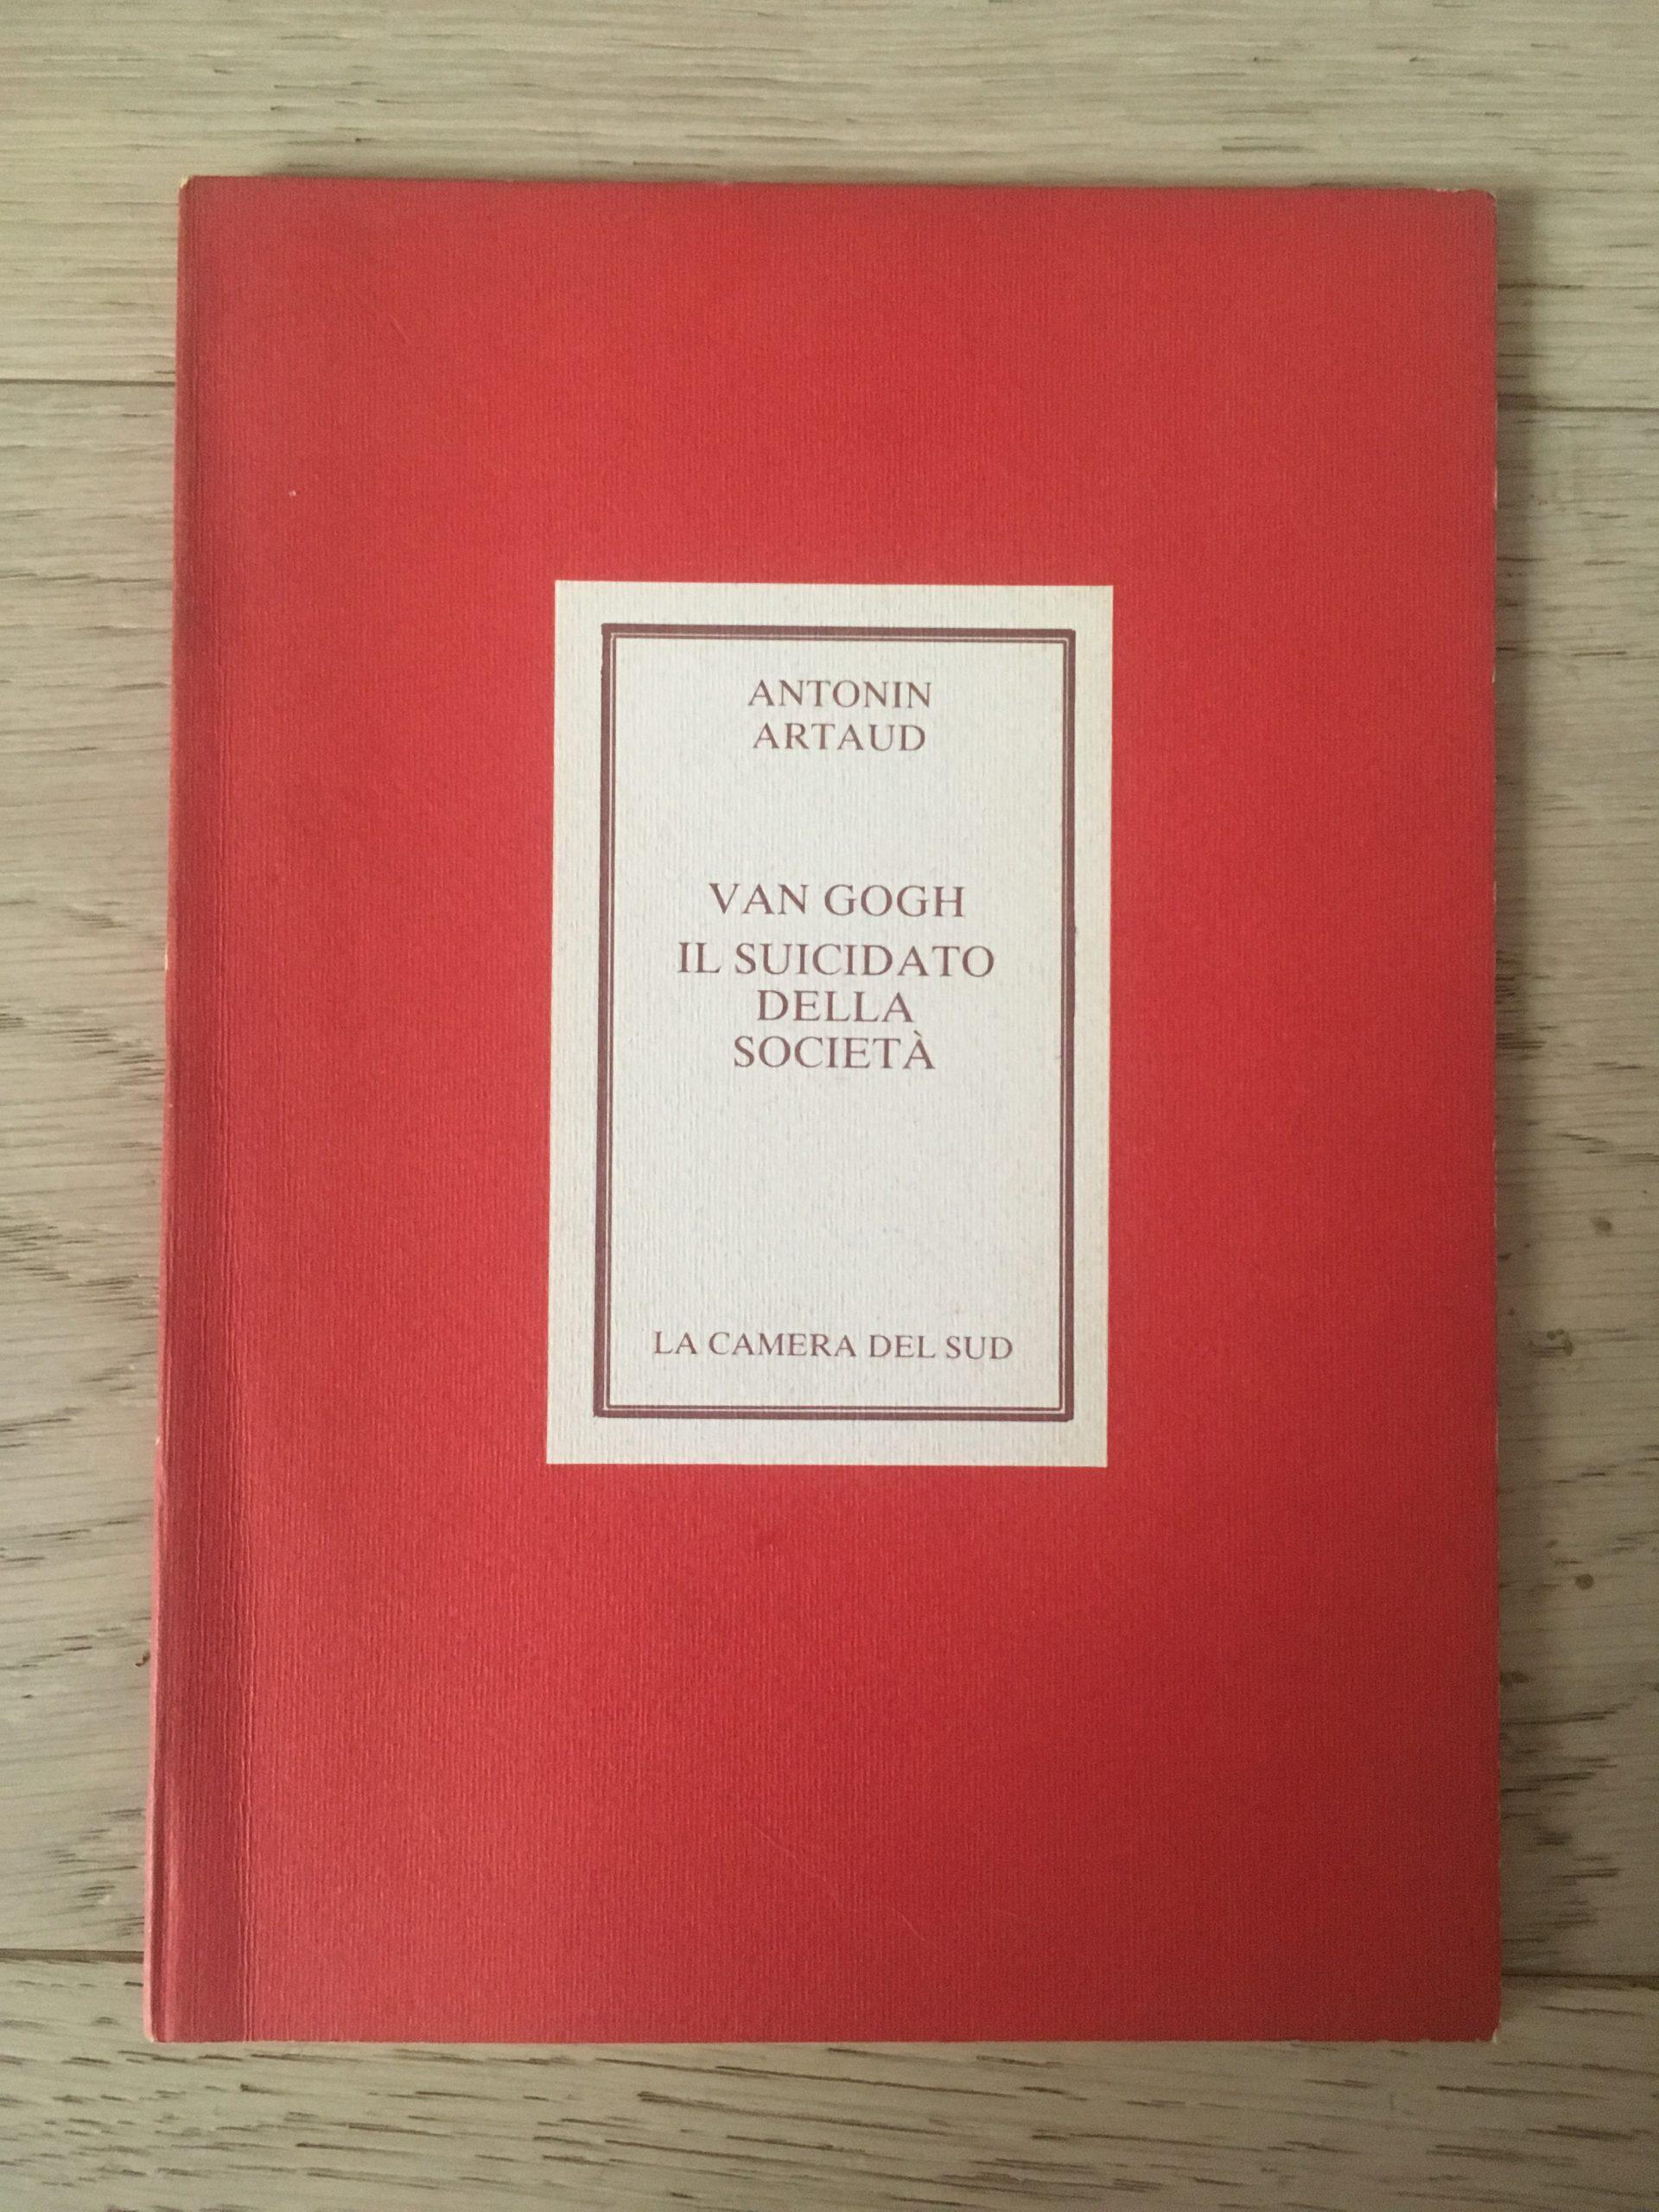 La Camera del Sud: un editore degli anni '80 con all'attivo solo un libro!